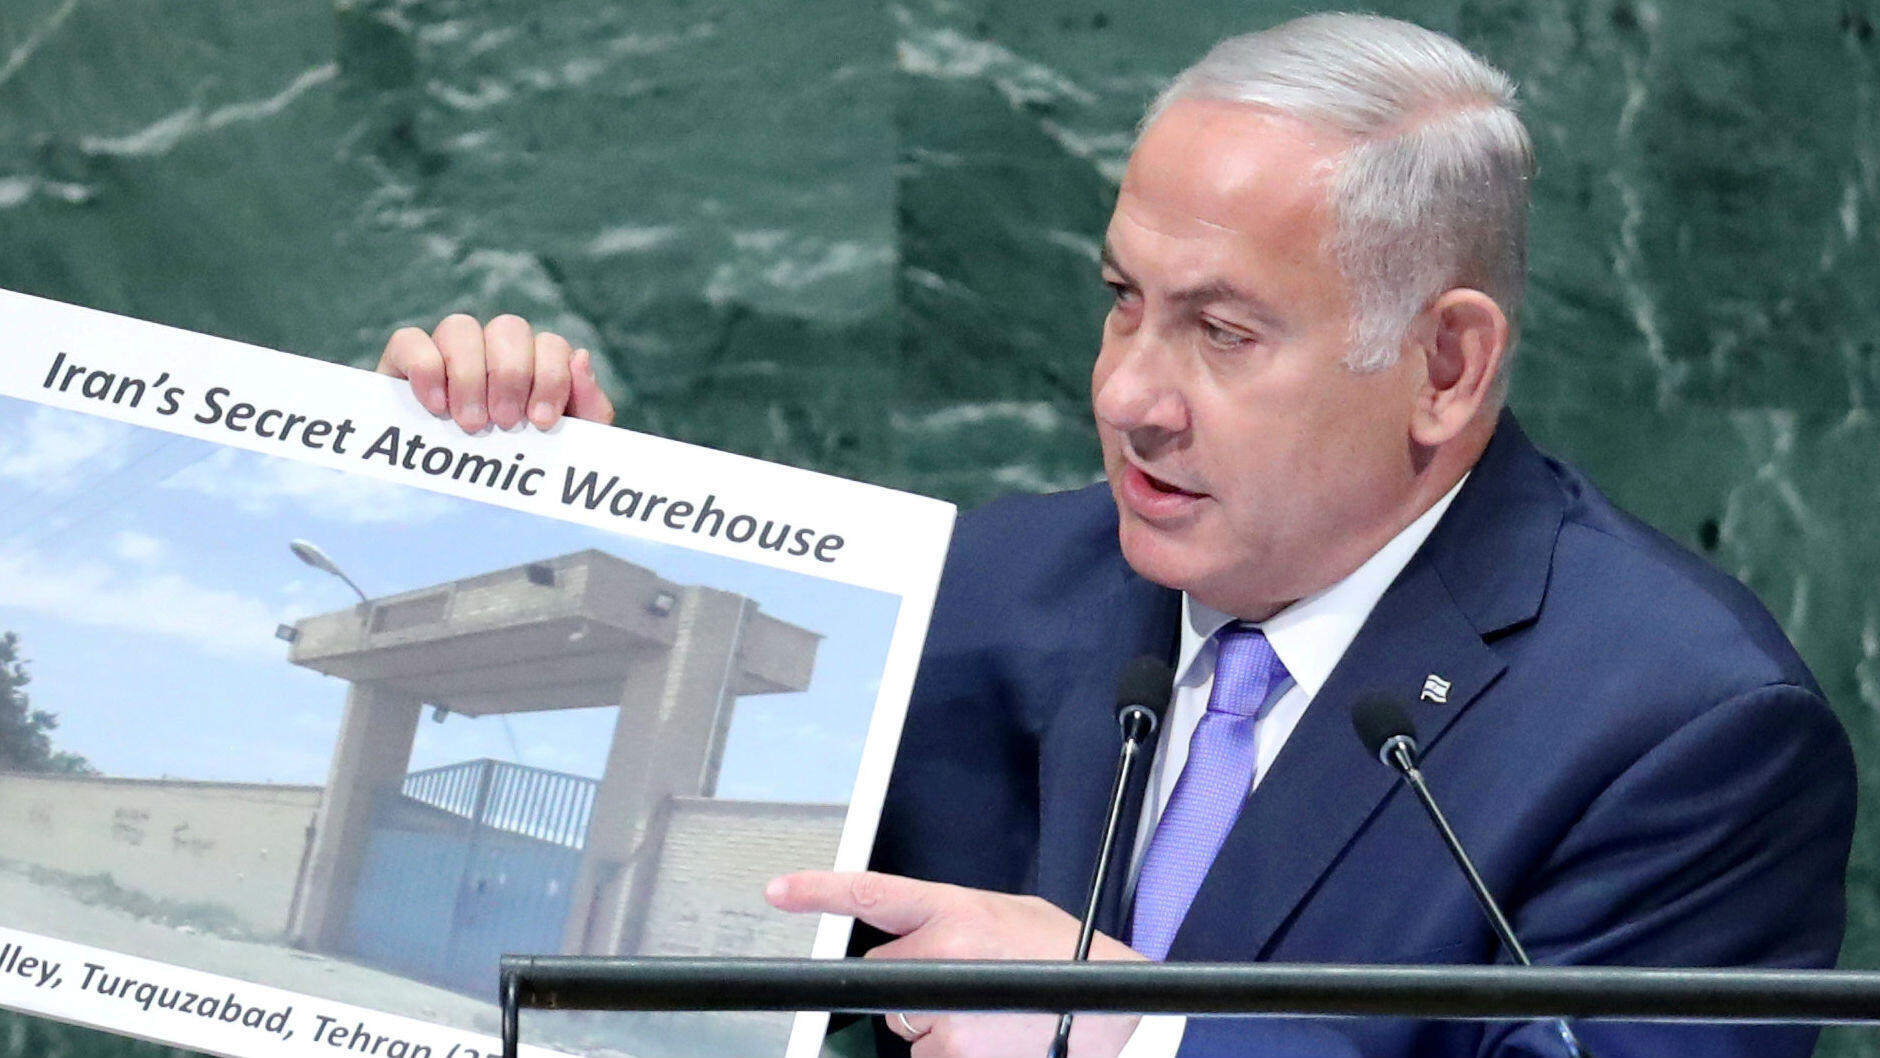 Archivo: el primer ministro israelí, Benjamin Netanyahu, se dirige a la 73ª sesión de la Asamblea General de las Naciones Unidas en la sede de los Estados Unidos en Nueva York, EE. UU., El 27 de septiembre de 2018.